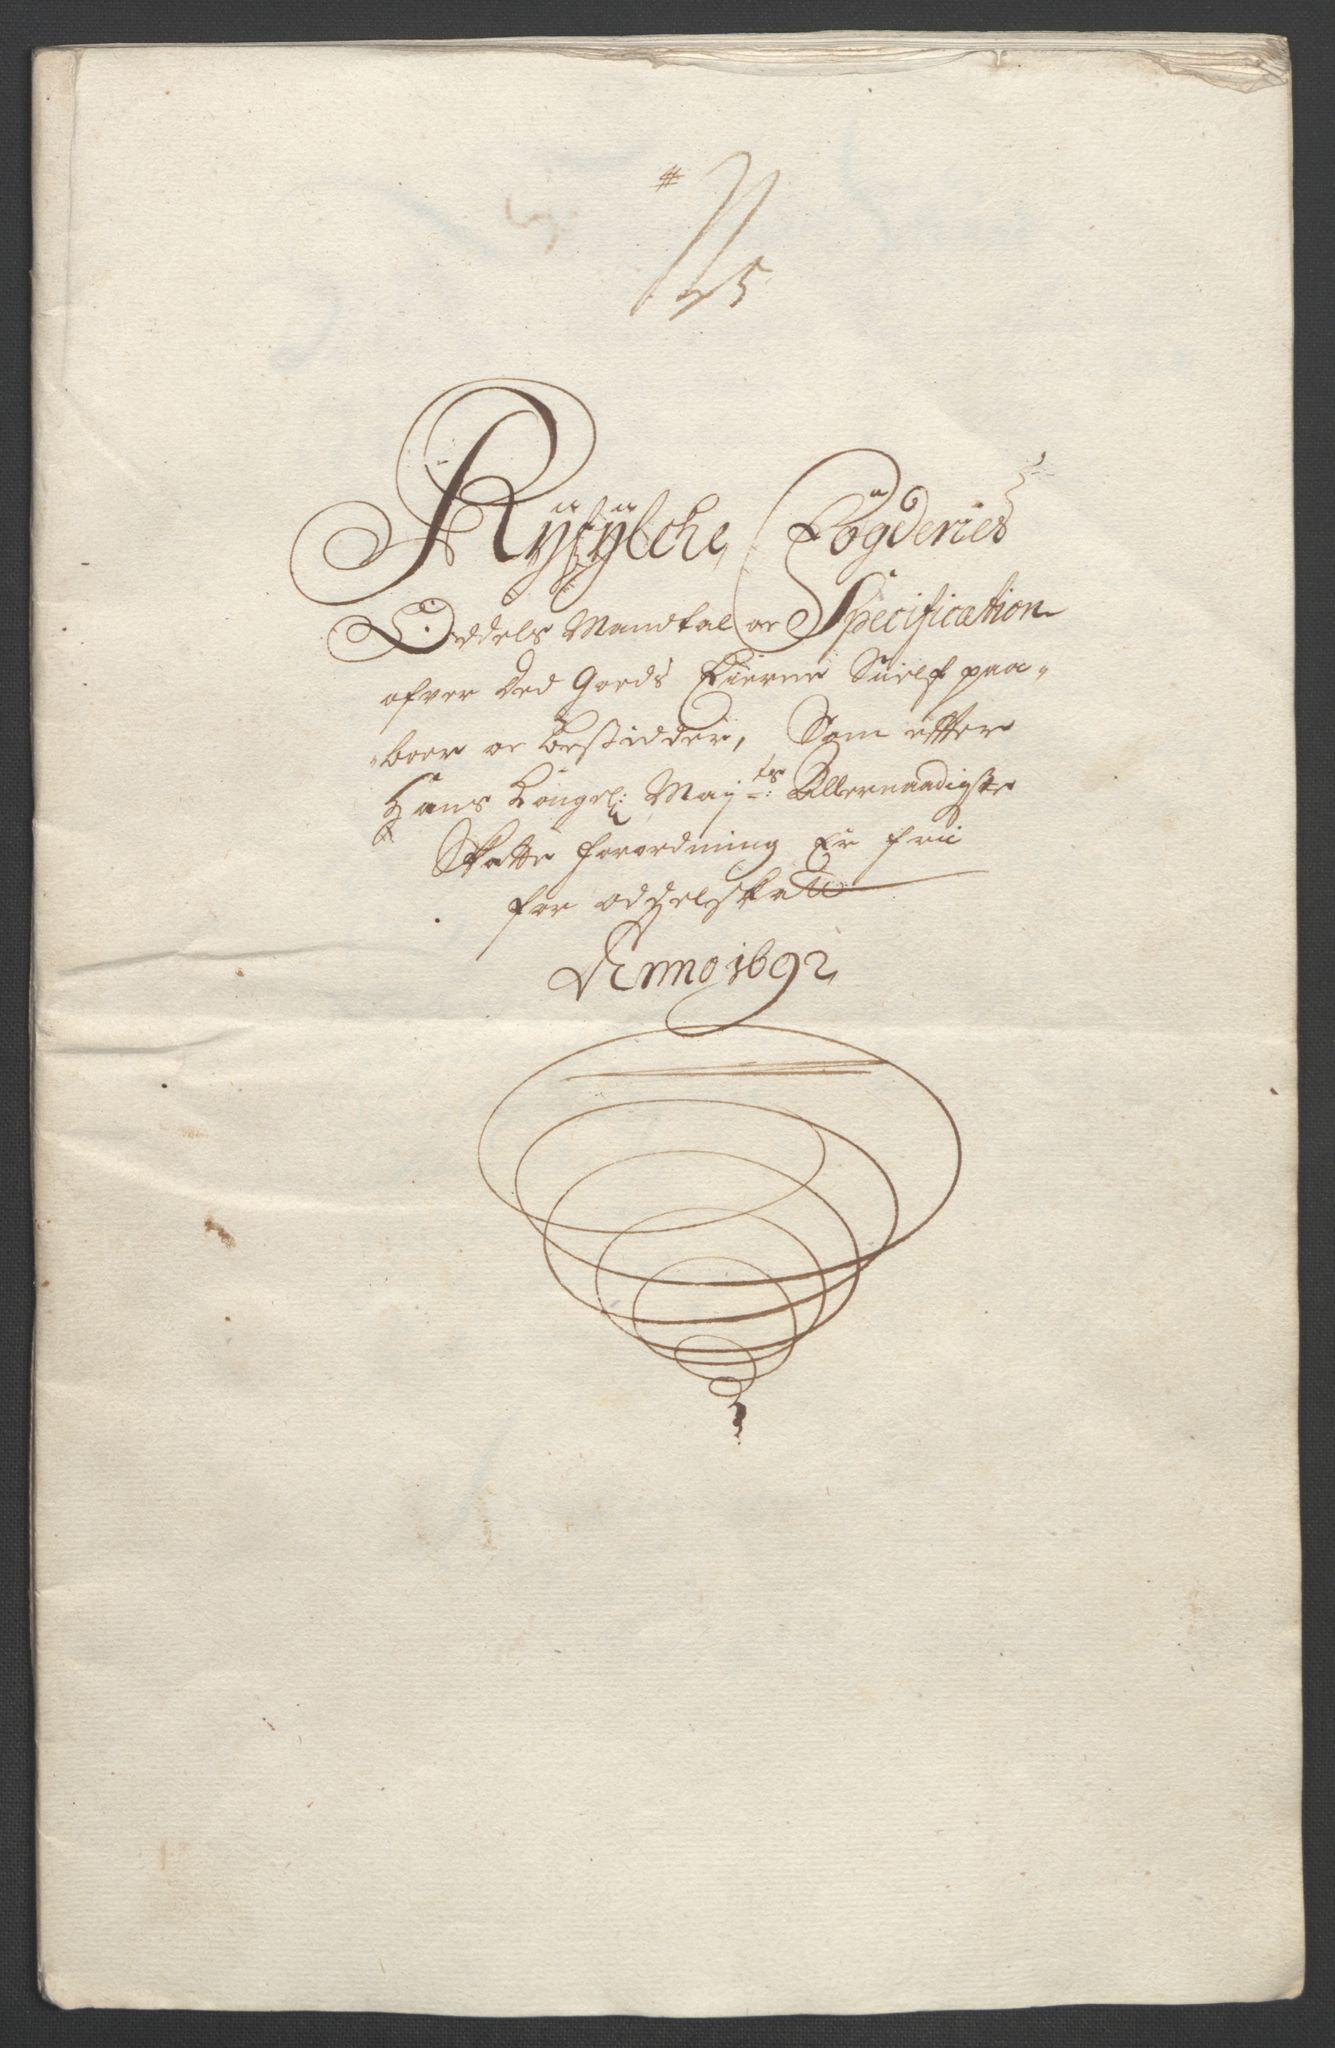 RA, Rentekammeret inntil 1814, Reviderte regnskaper, Fogderegnskap, R47/L2856: Fogderegnskap Ryfylke, 1689-1693, s. 527